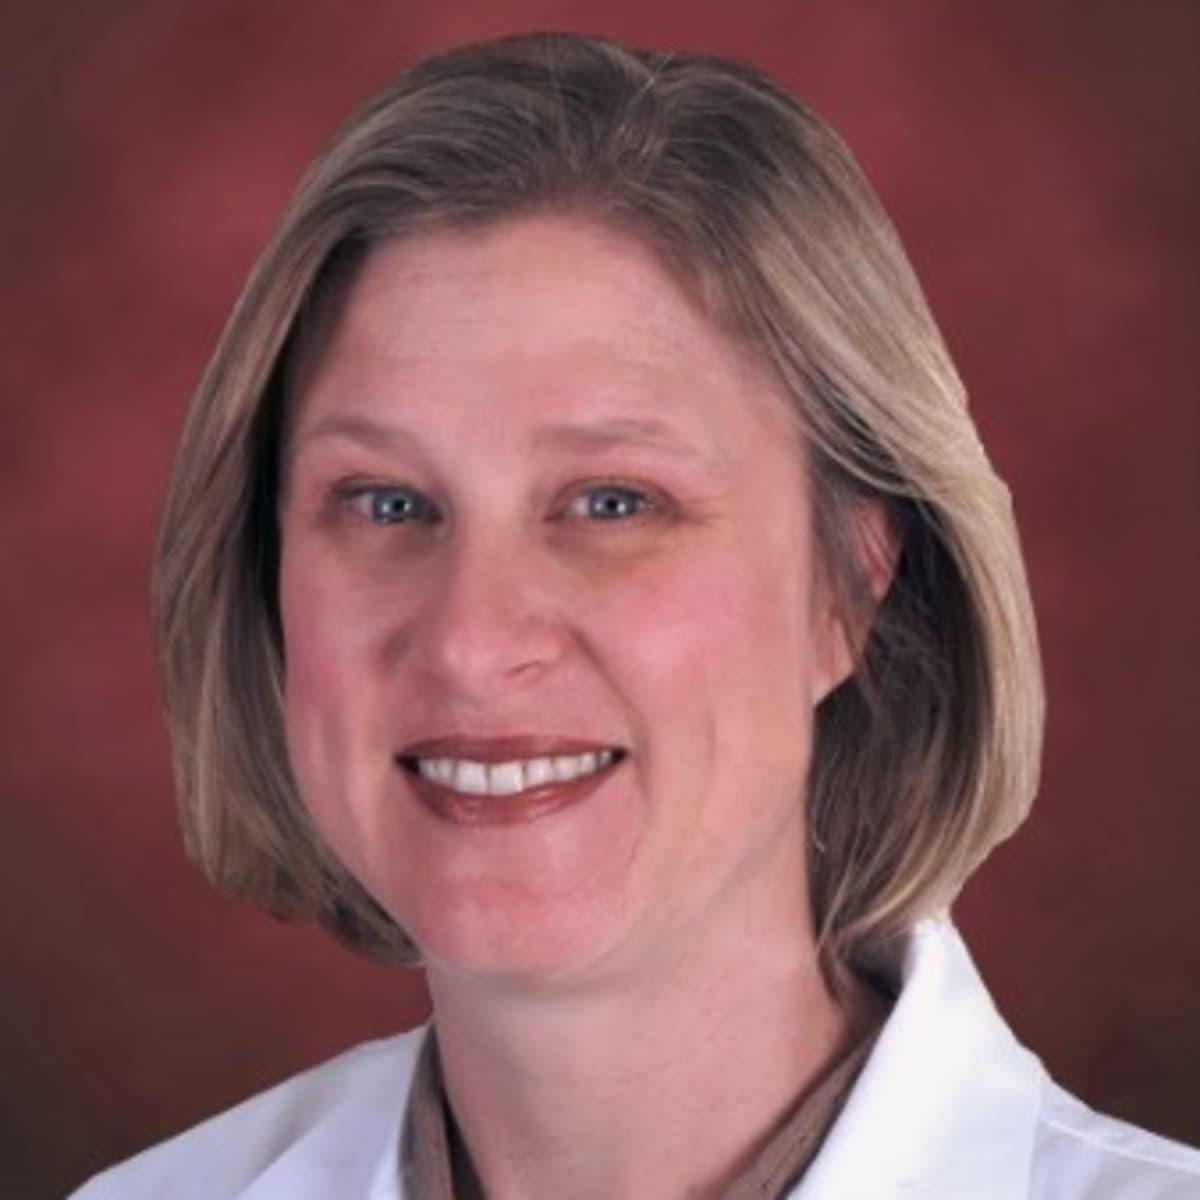 Tiffany Willard, MD